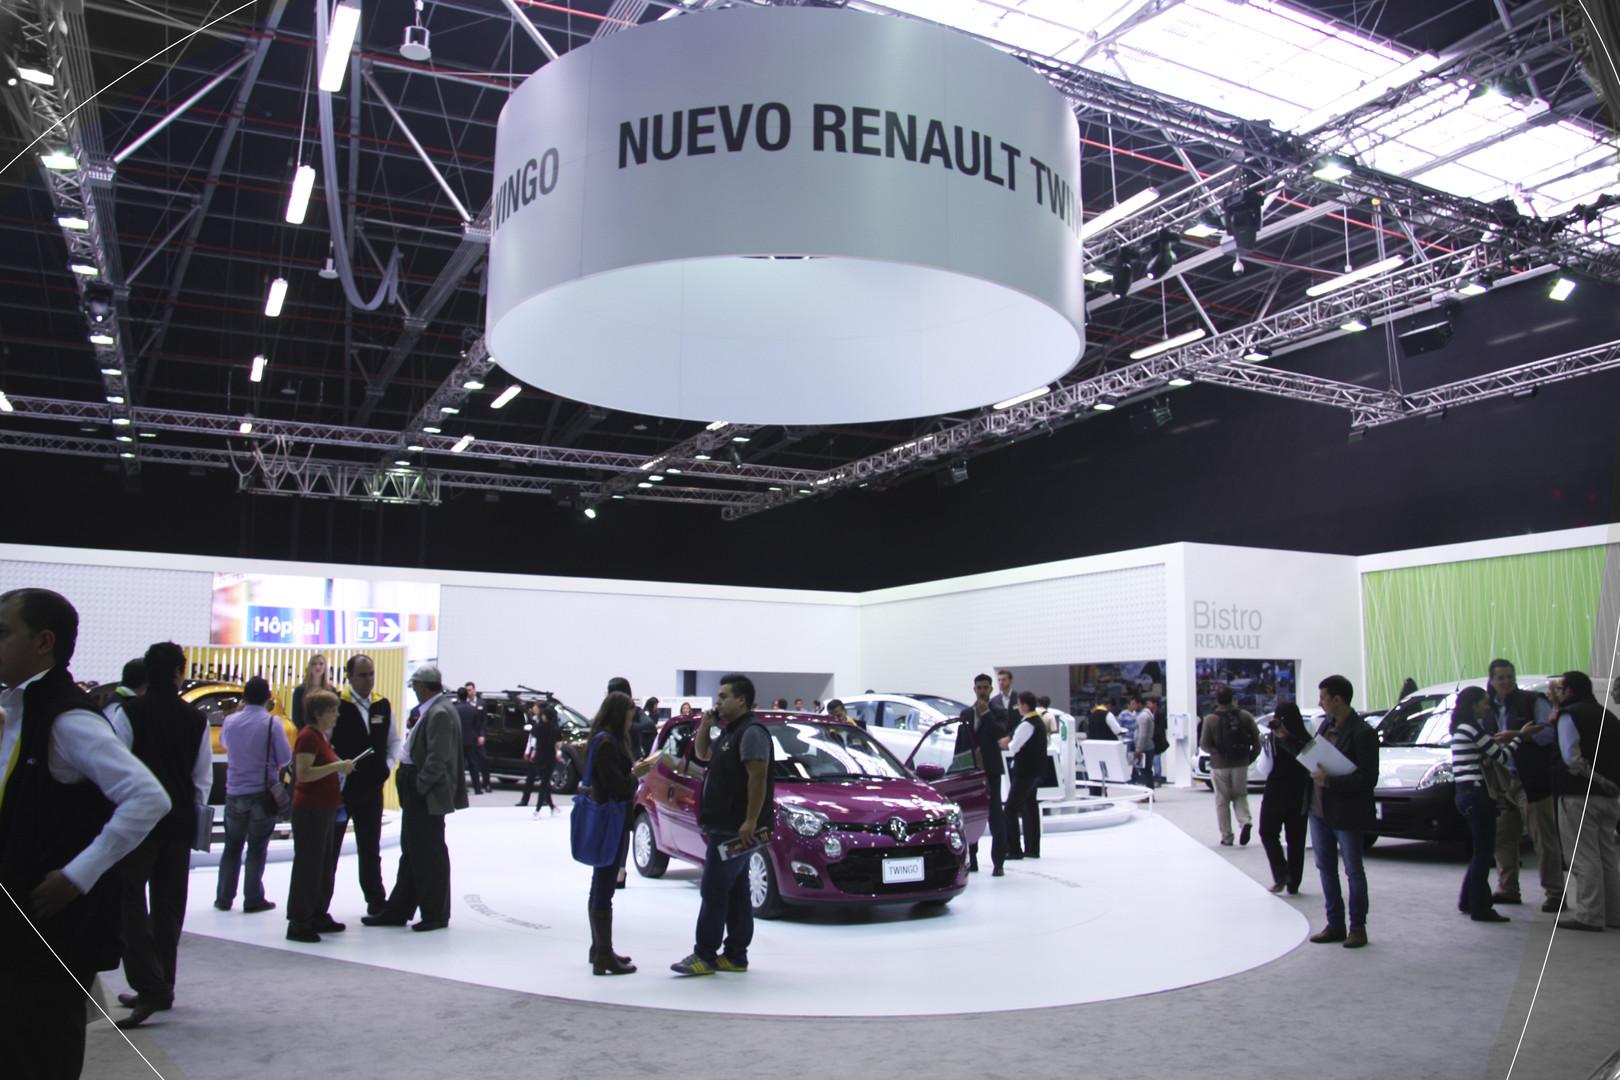 Renault 2012-11-16 11.05.03.jpg